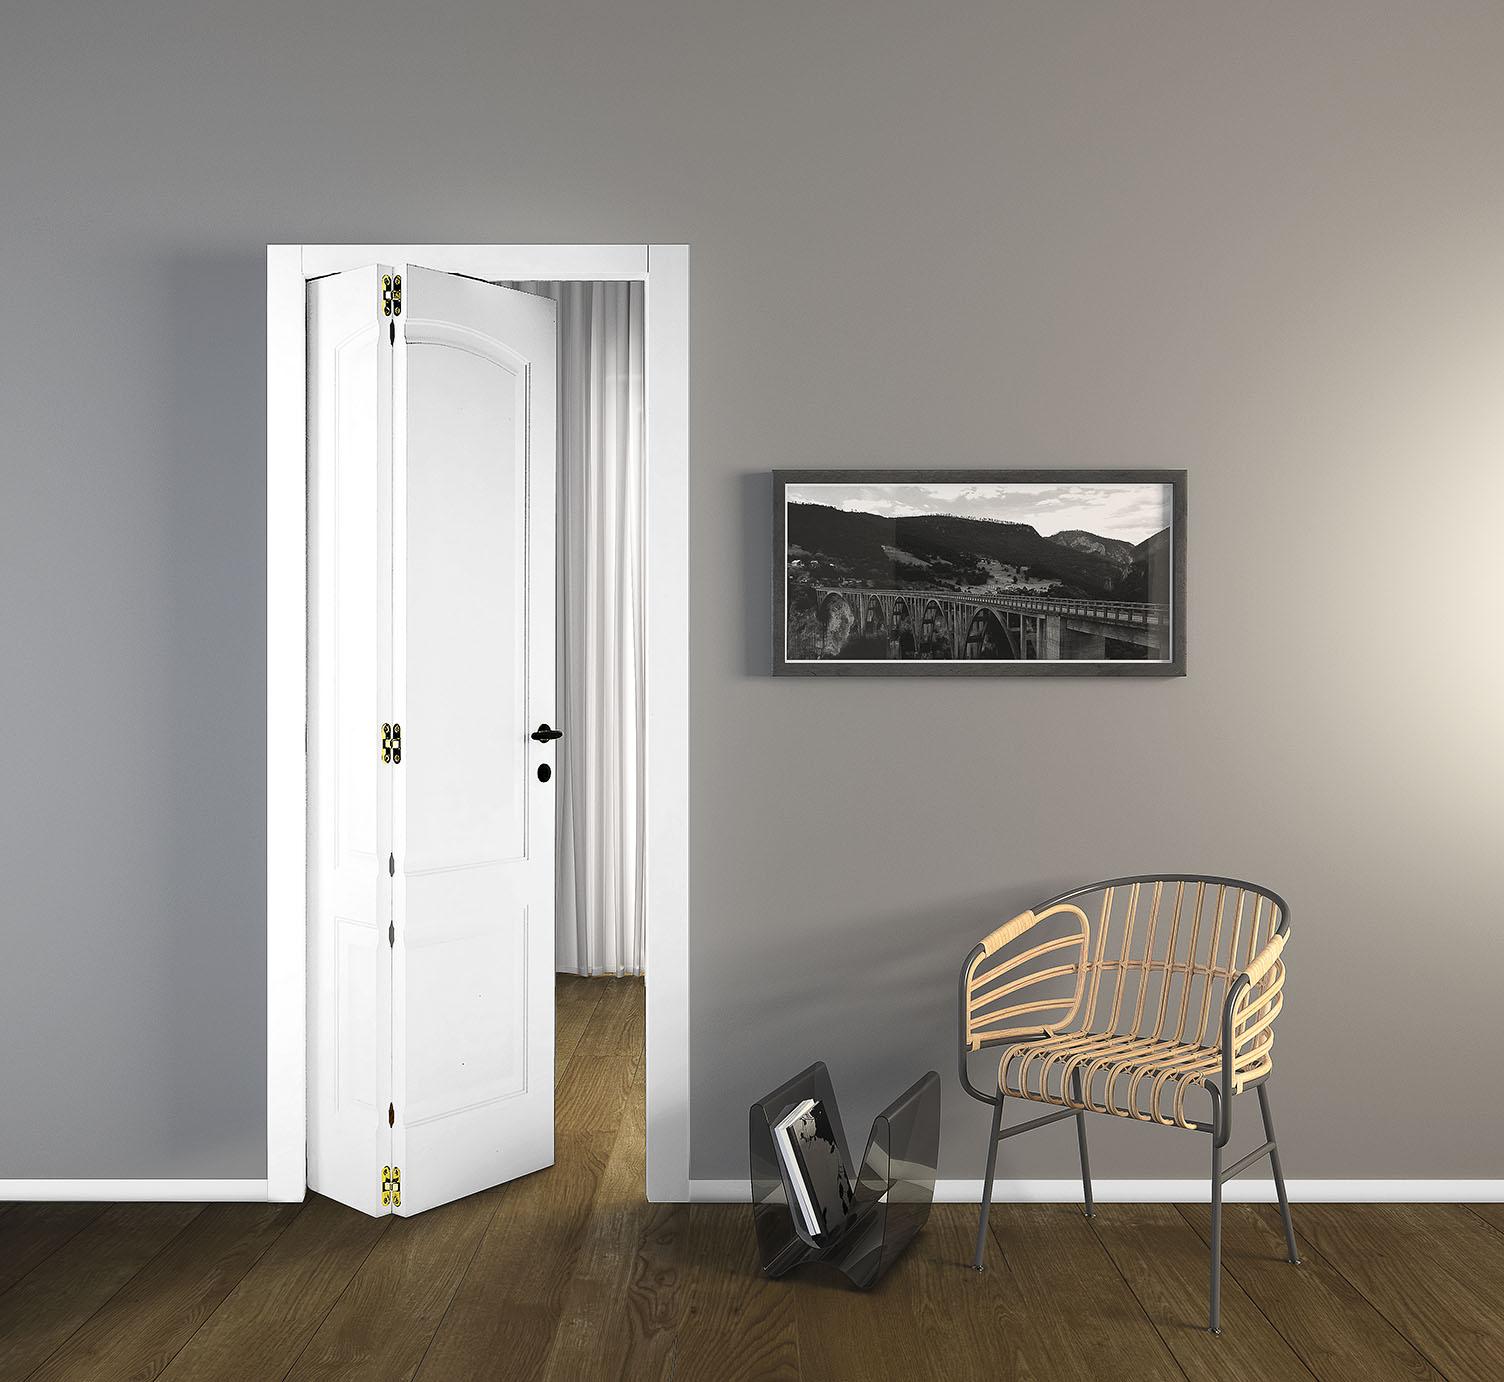 Porte in legno pantografate incise collezione Percorsi ...